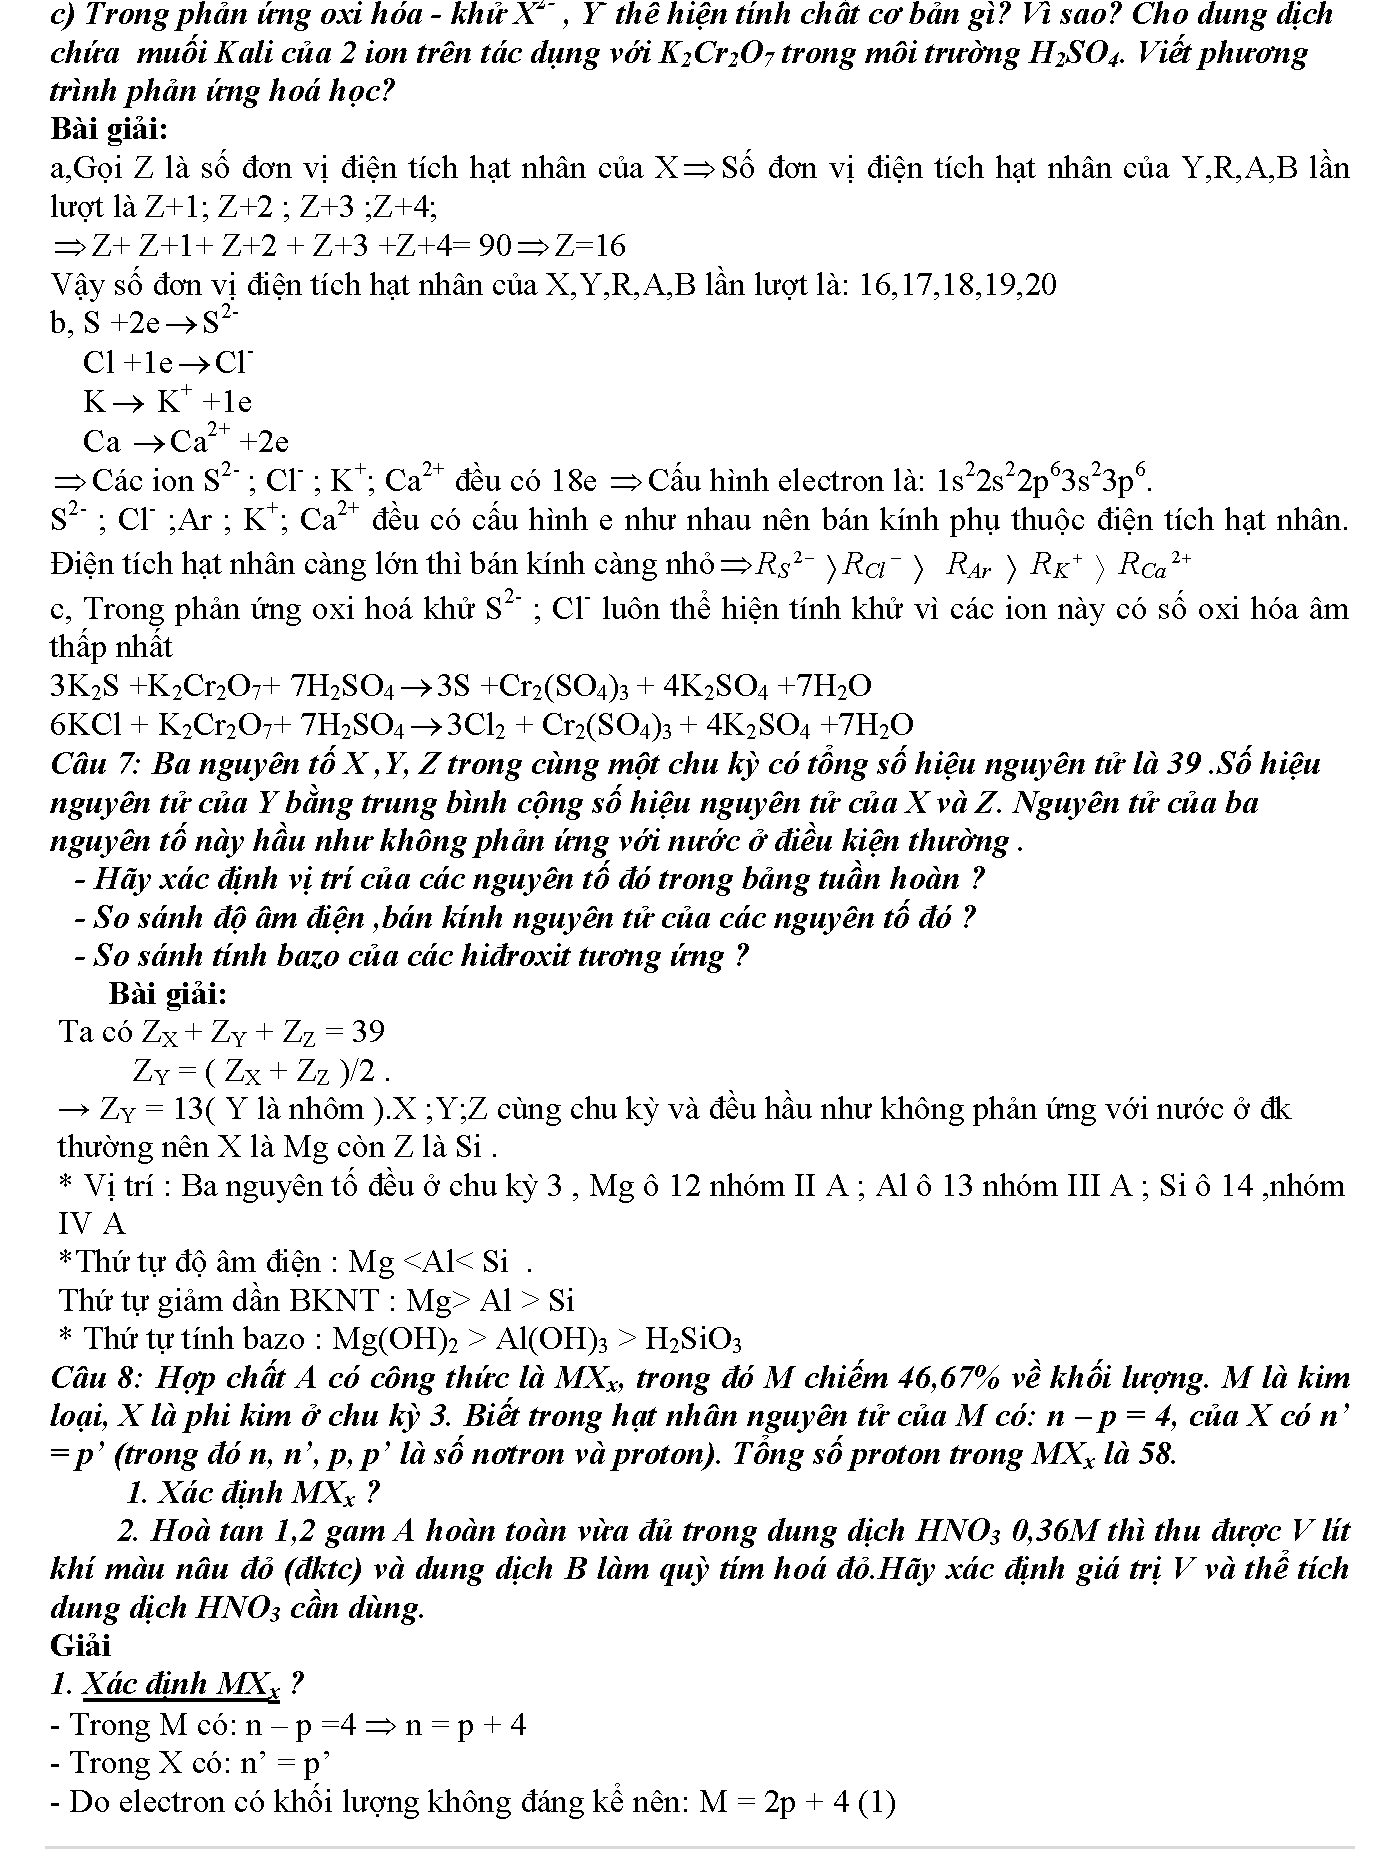 bài tập về nguyên tử khối